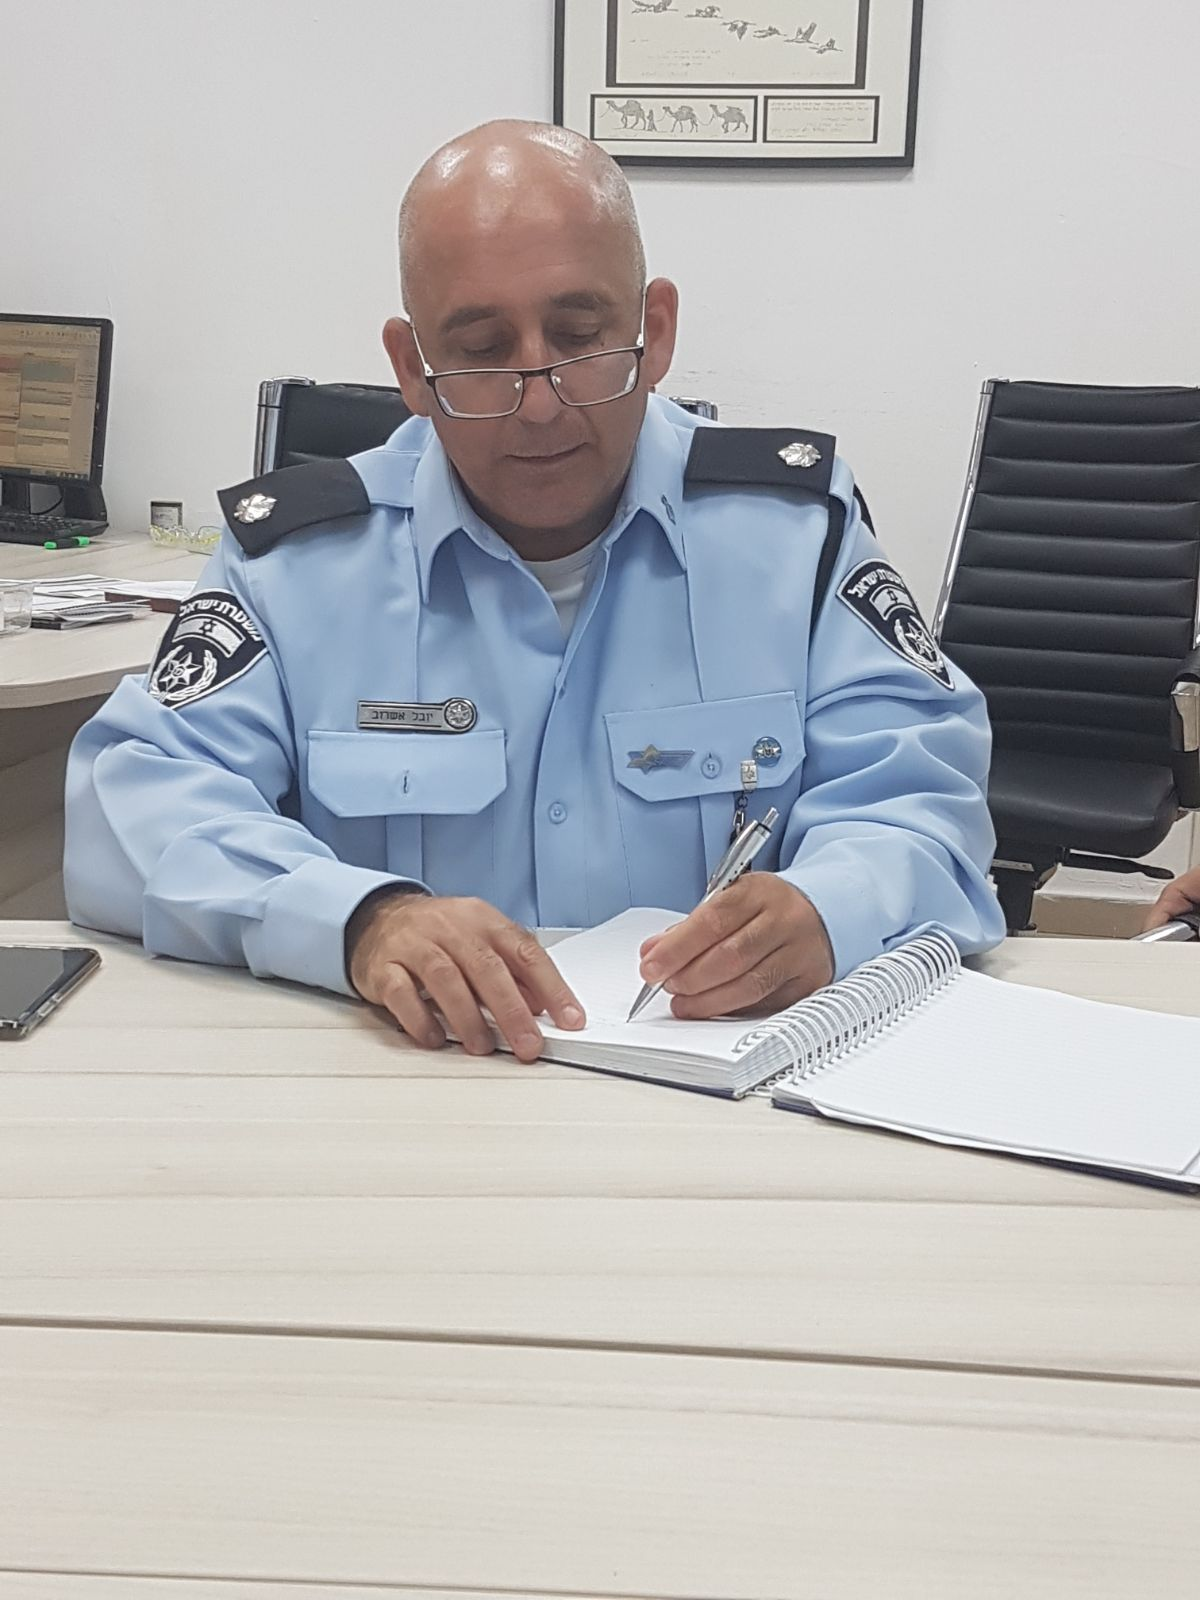 מבצע משטרתי ברמת גן